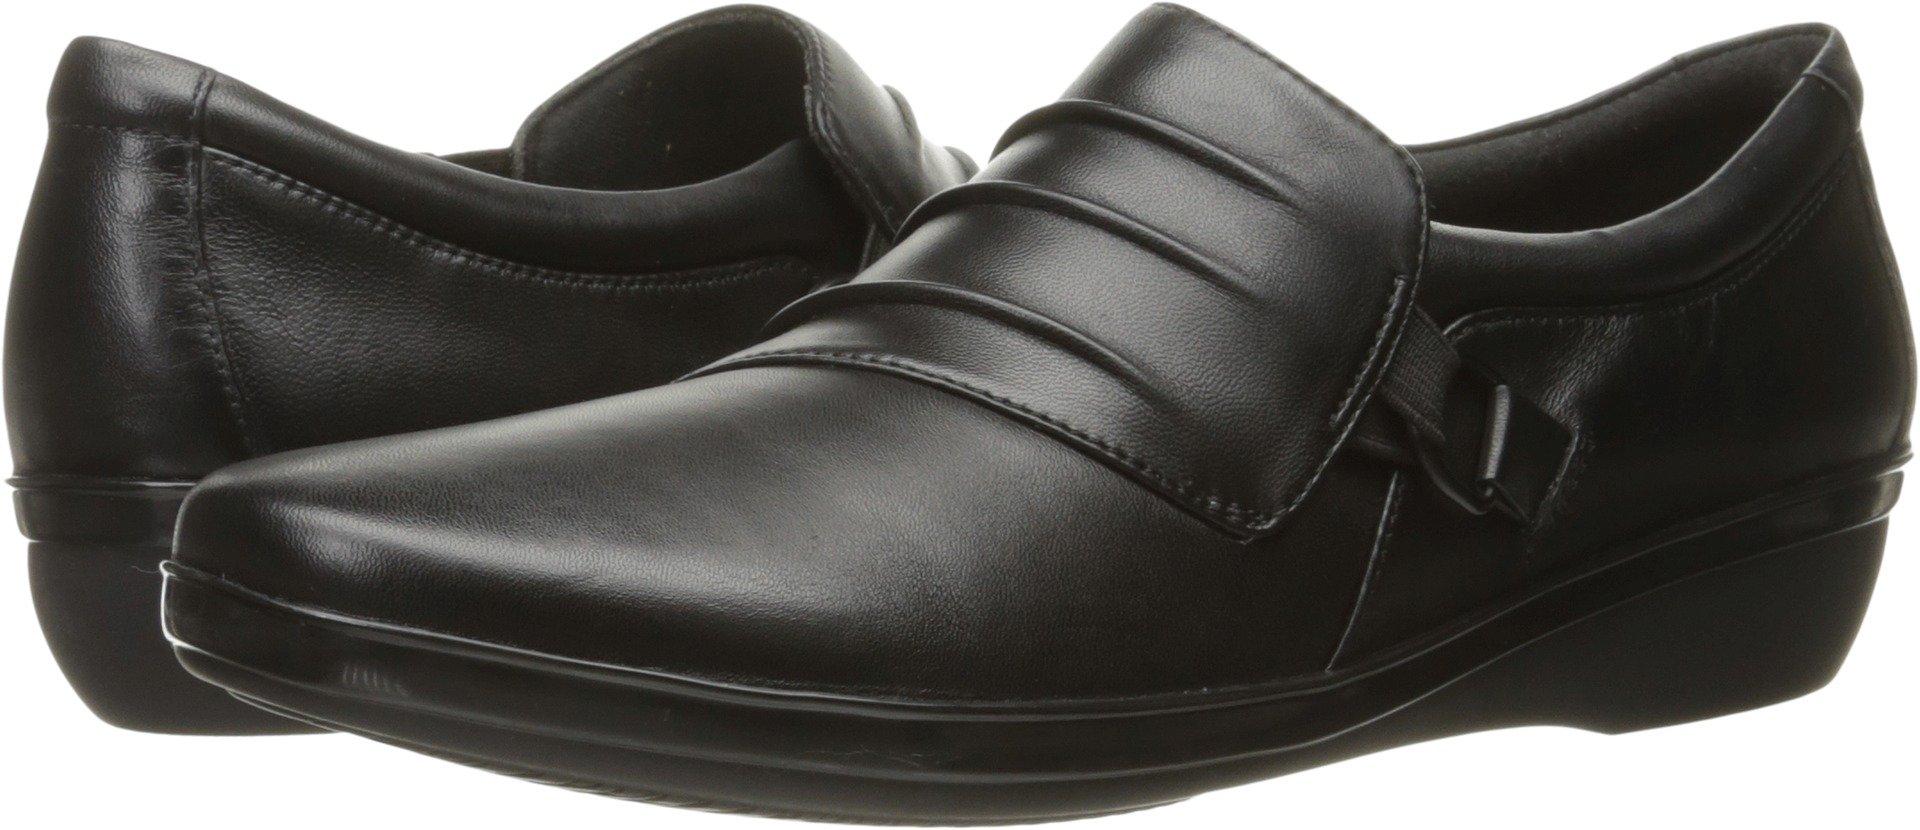 CLARKS Women's Everlay Heidi Slip-on Loafer, Black Leather, 7 M US